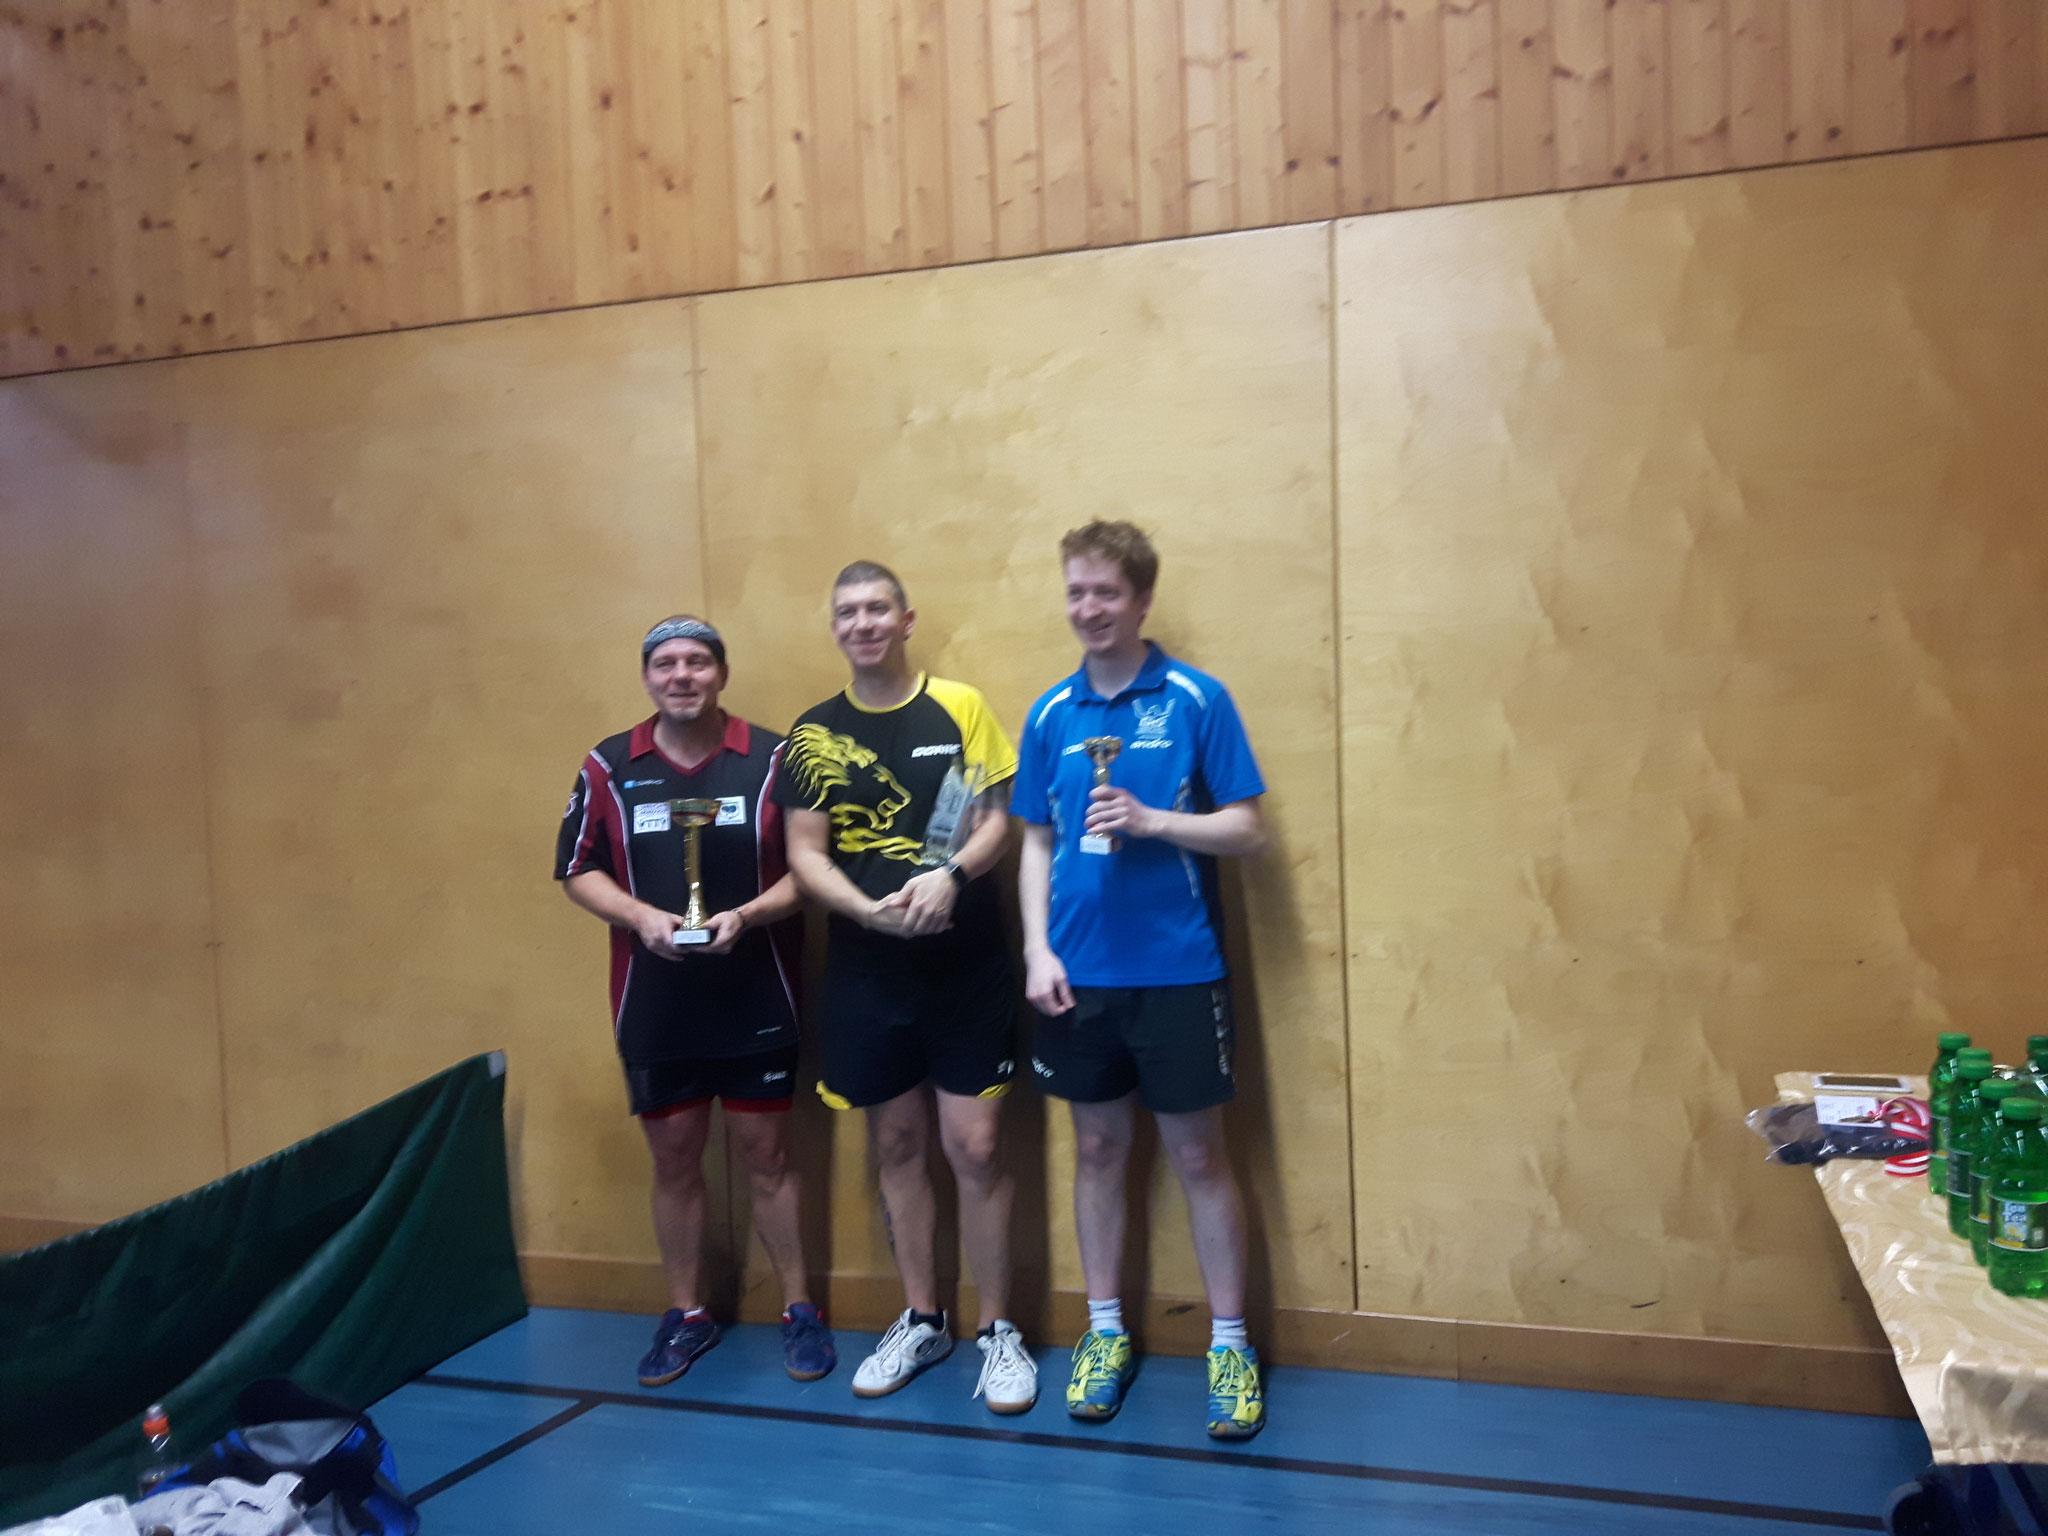 Siegerfoto Bewerb C: v.l.n.r. Harald Grün (MAU) (Platz 2), Manfred Loidl (PER) (Sieger), Florian Welles (KAI) (Platz 3)